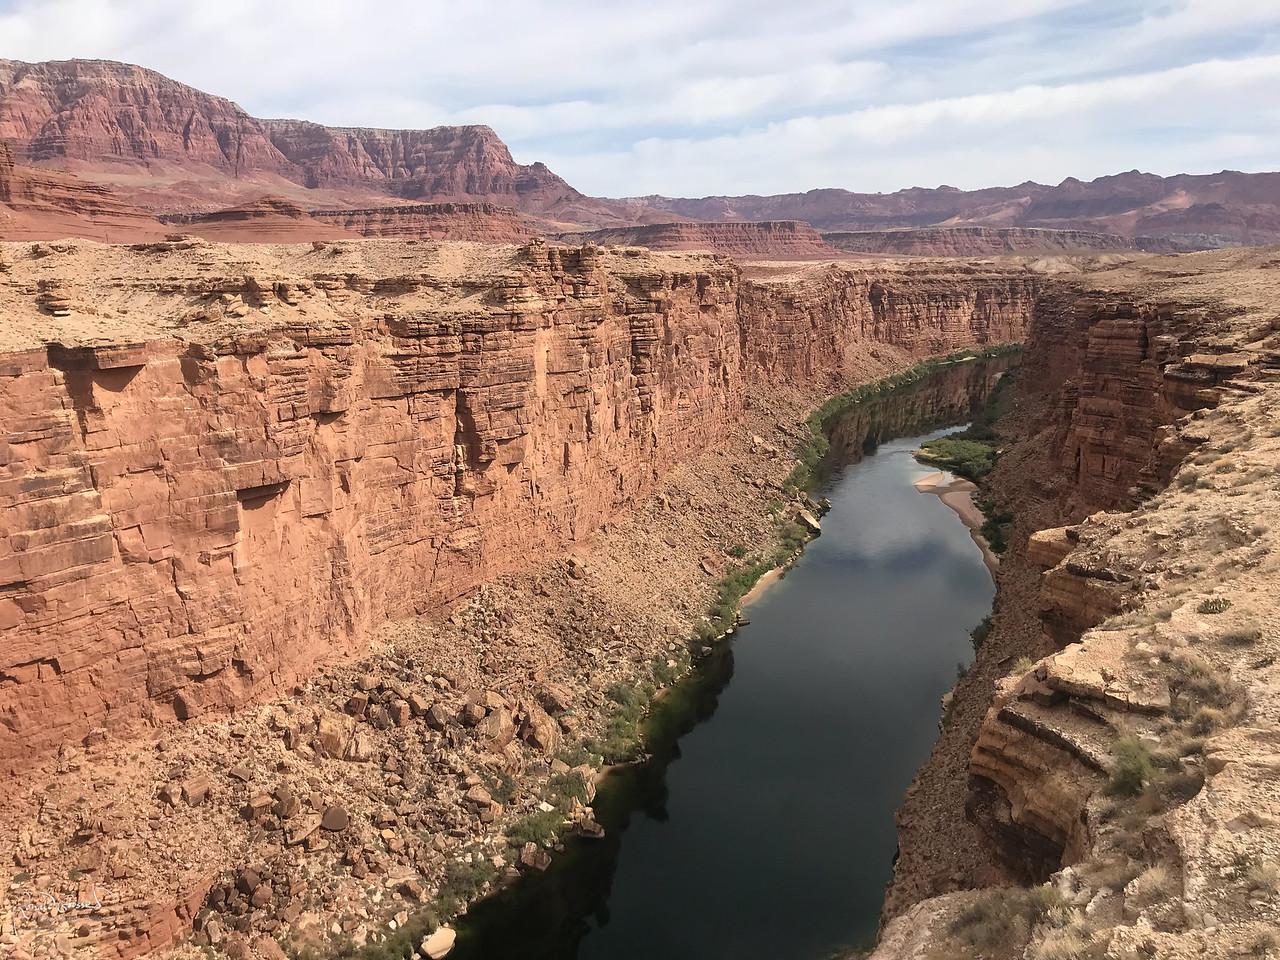 Colorado River and Vermillion Cliffs